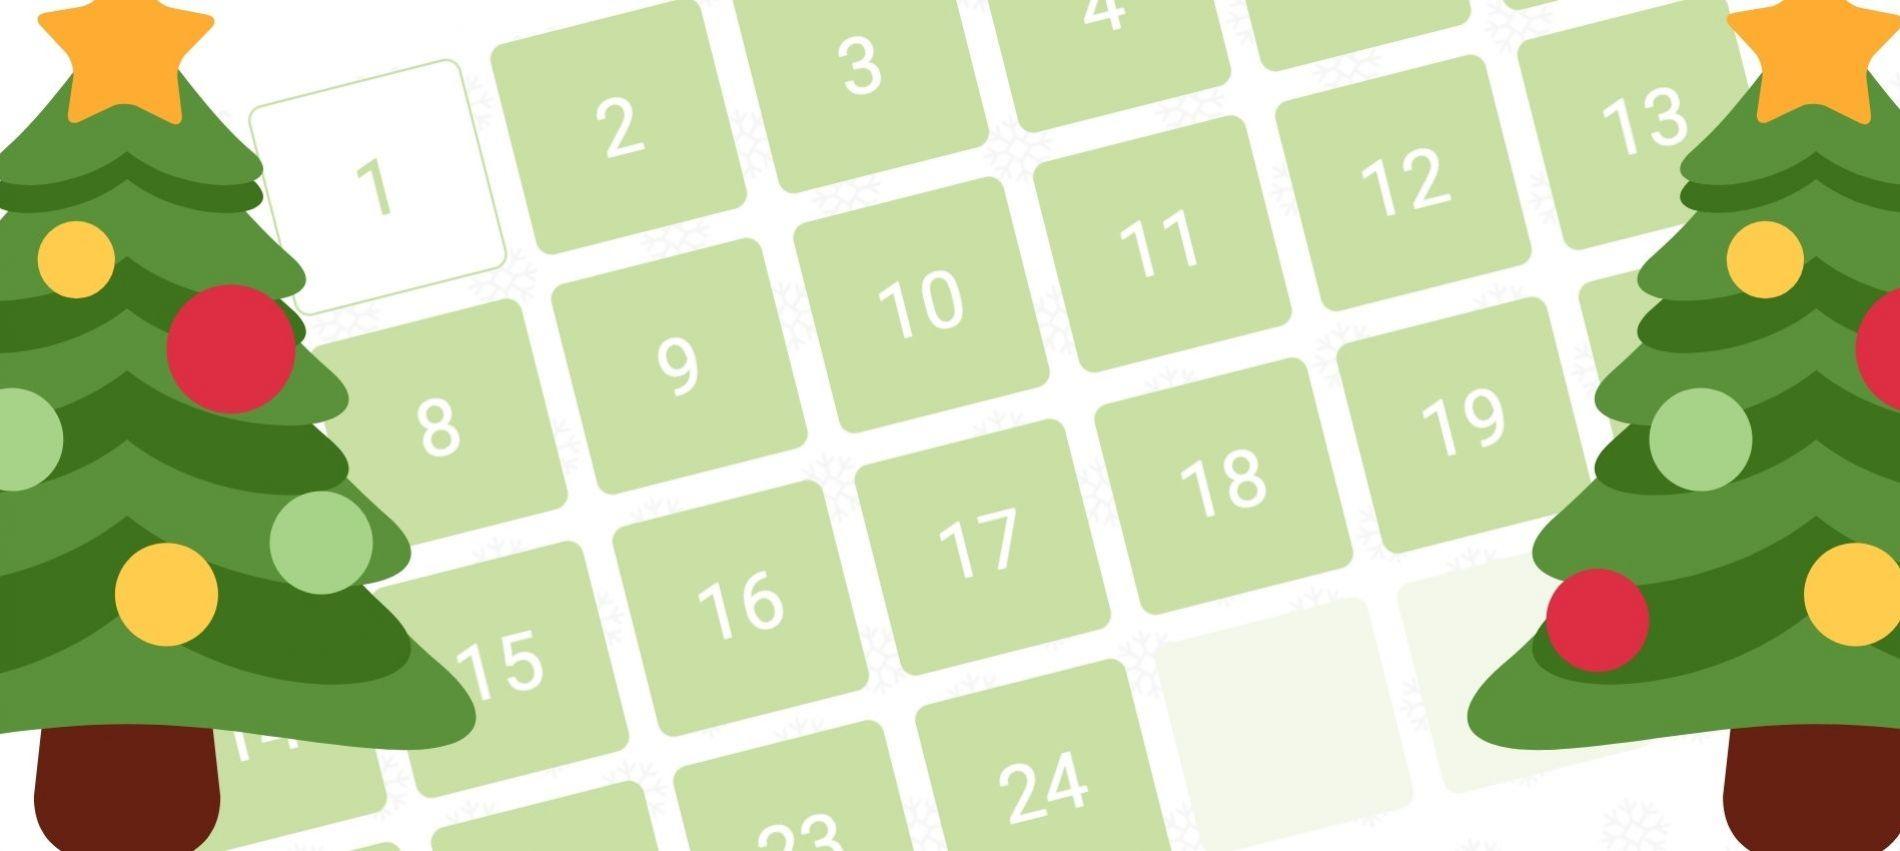 Concurso Calendario de Adviento